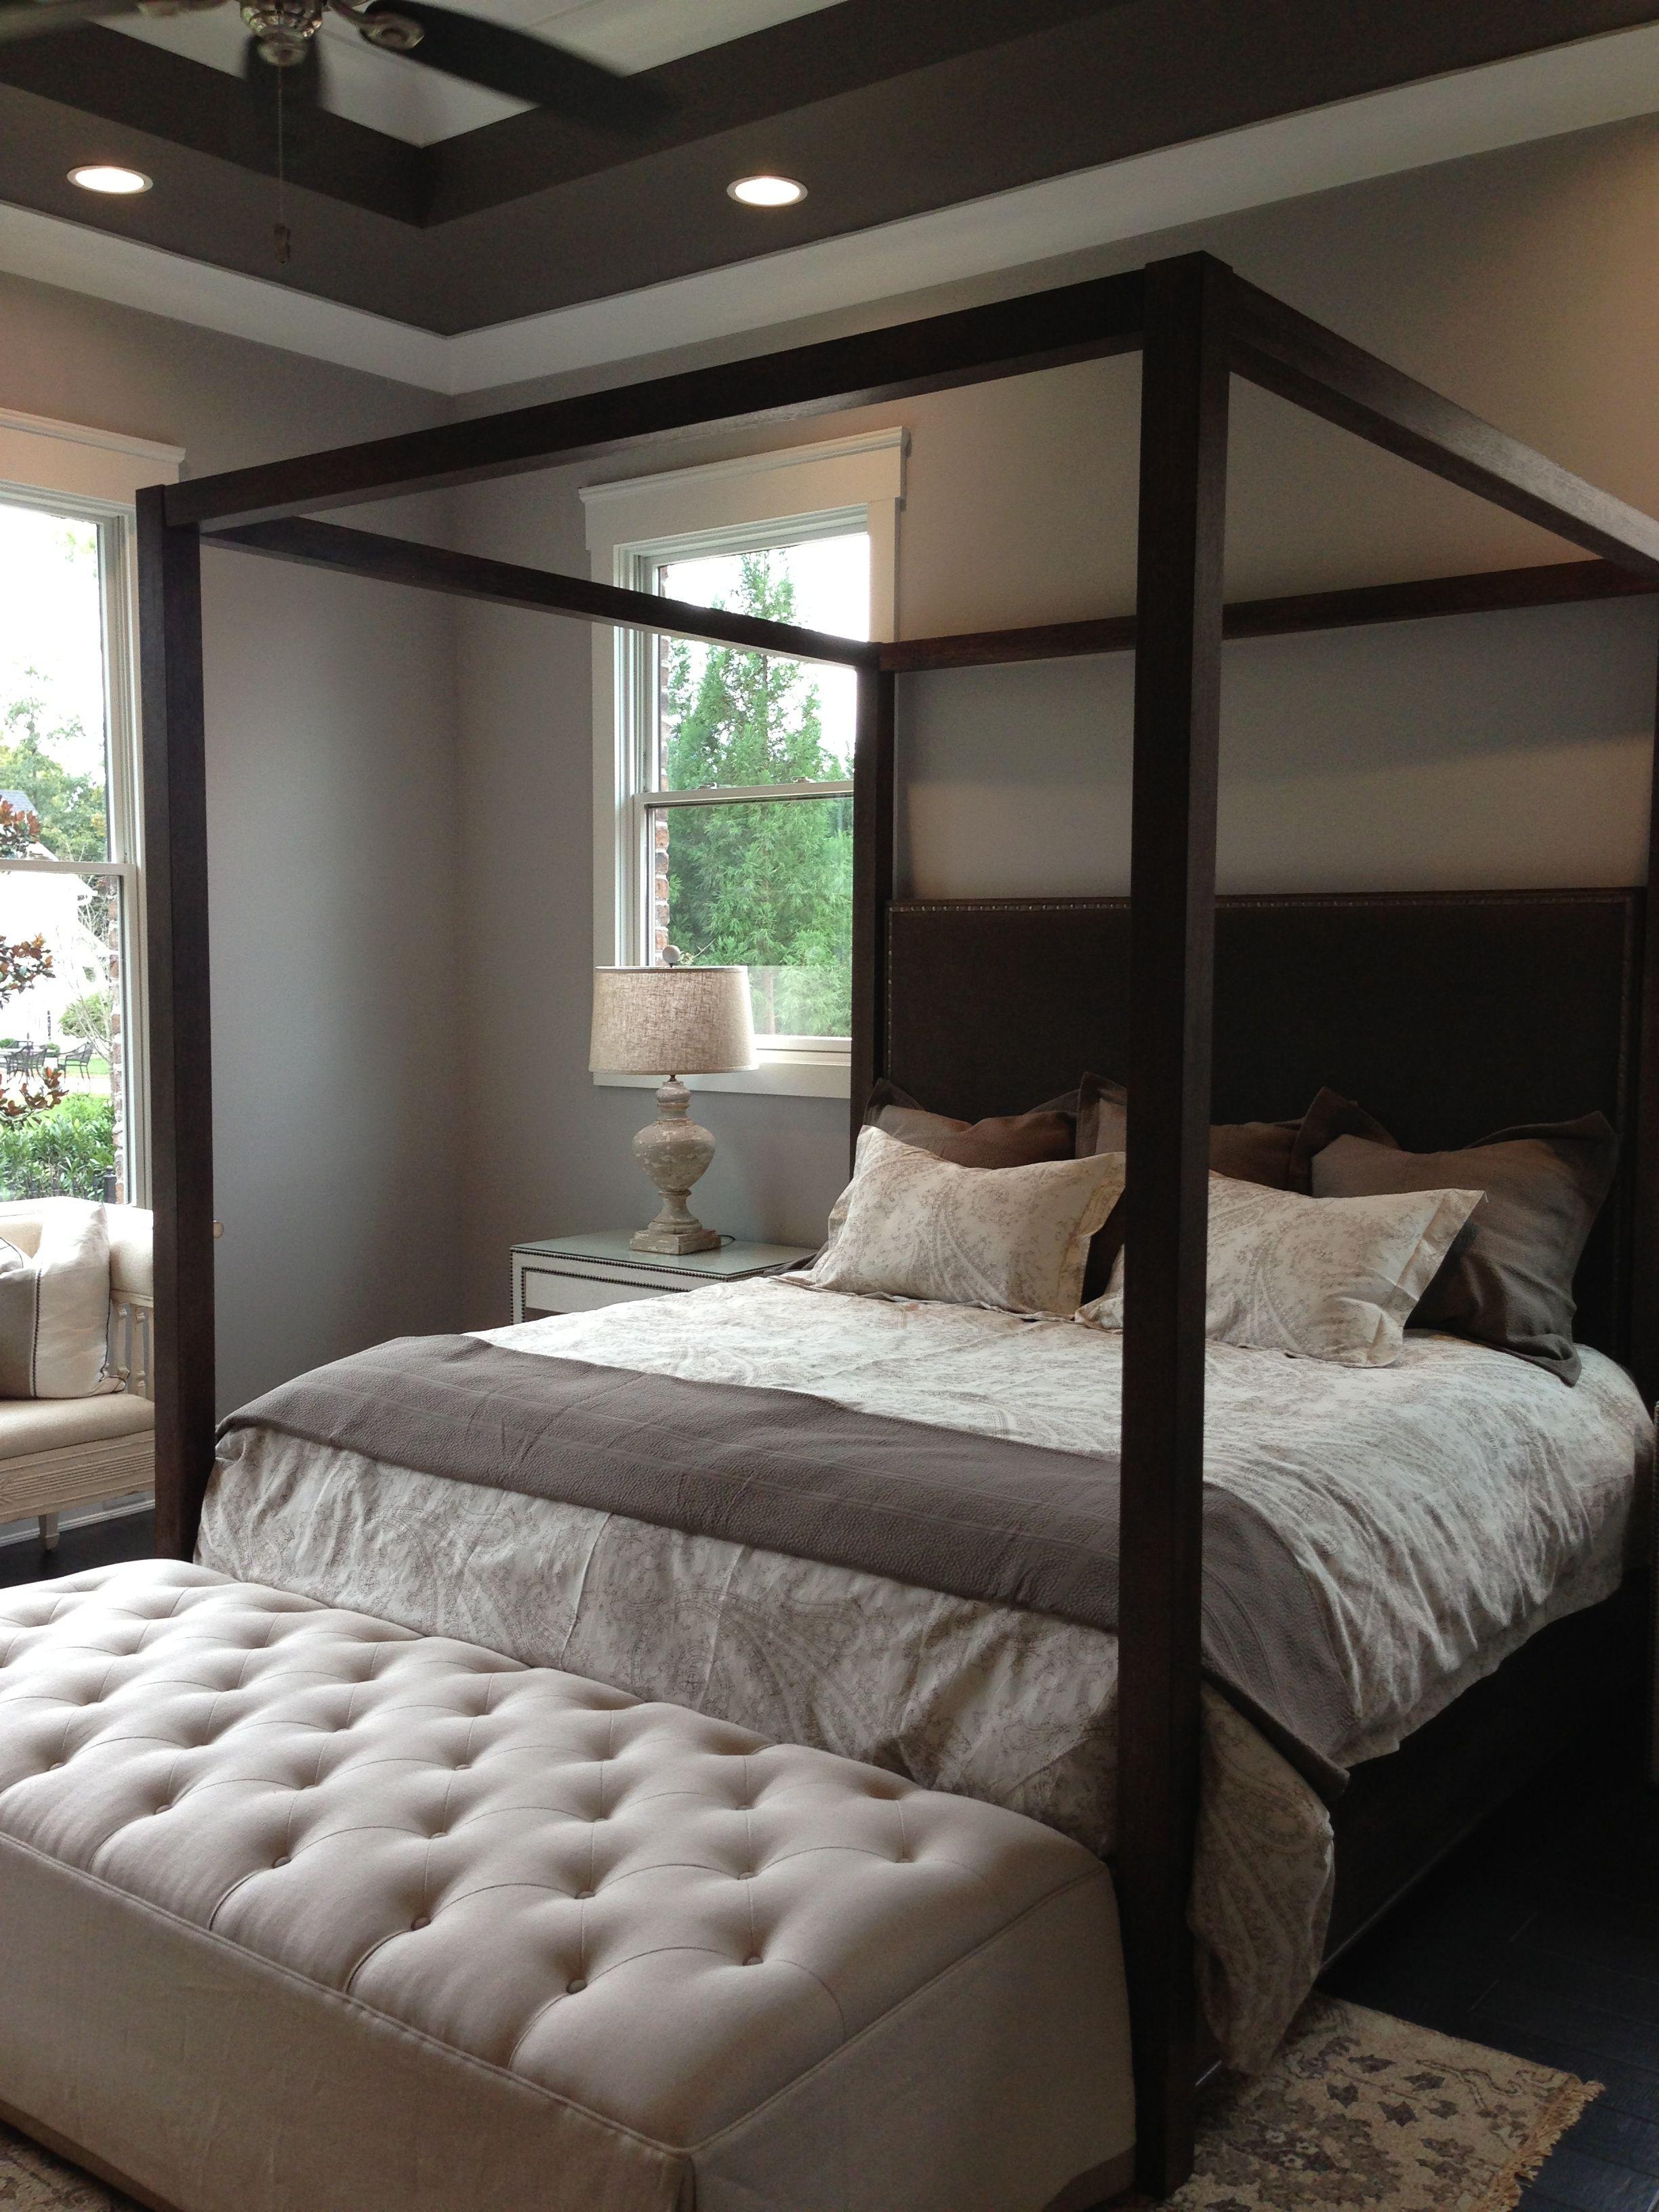 Best Beautiful Master Bedroom Bedroom Decor Home Bedroom 640 x 480